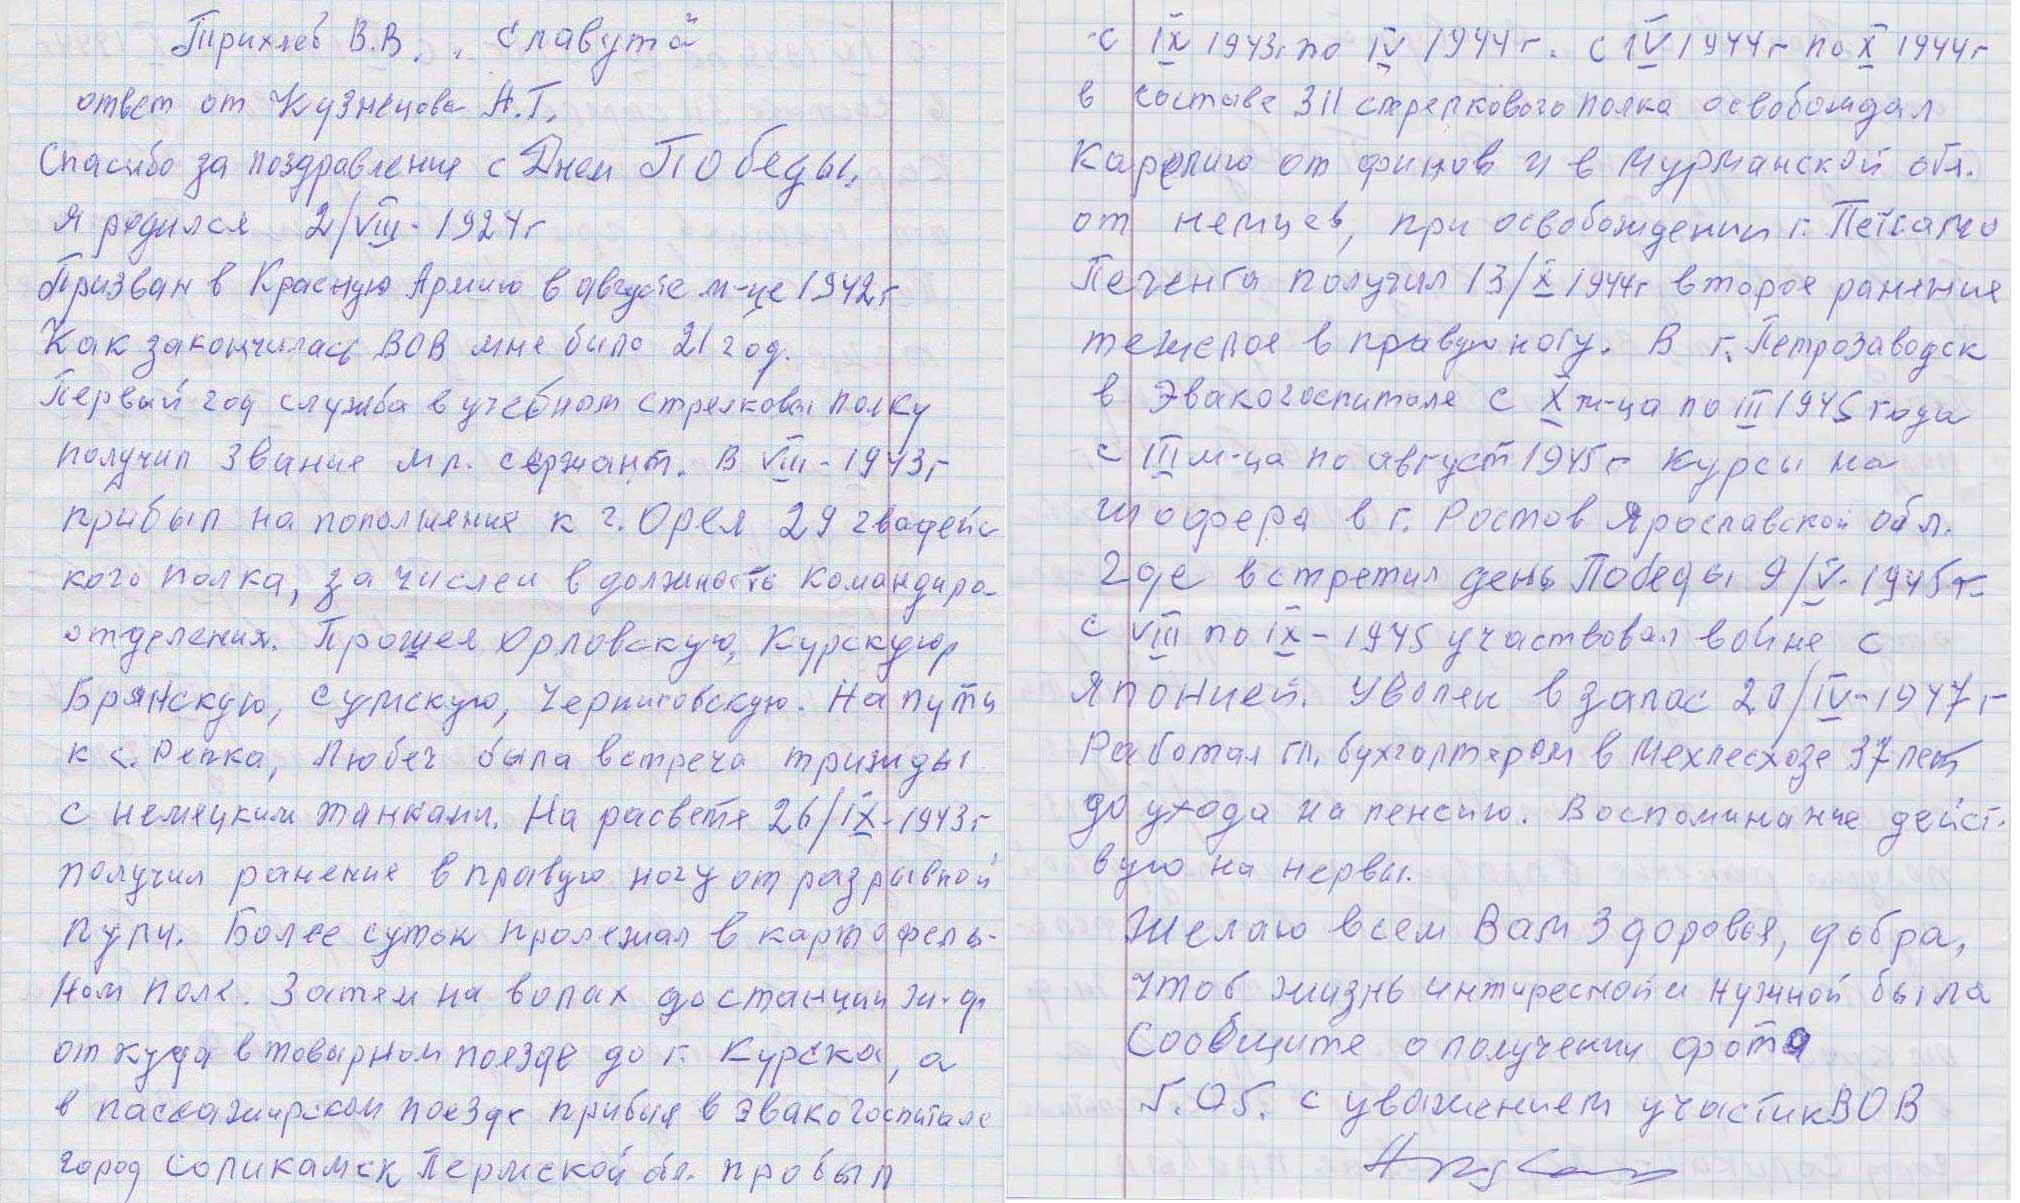 Спогади Кузнецова О.Г. про ВВв